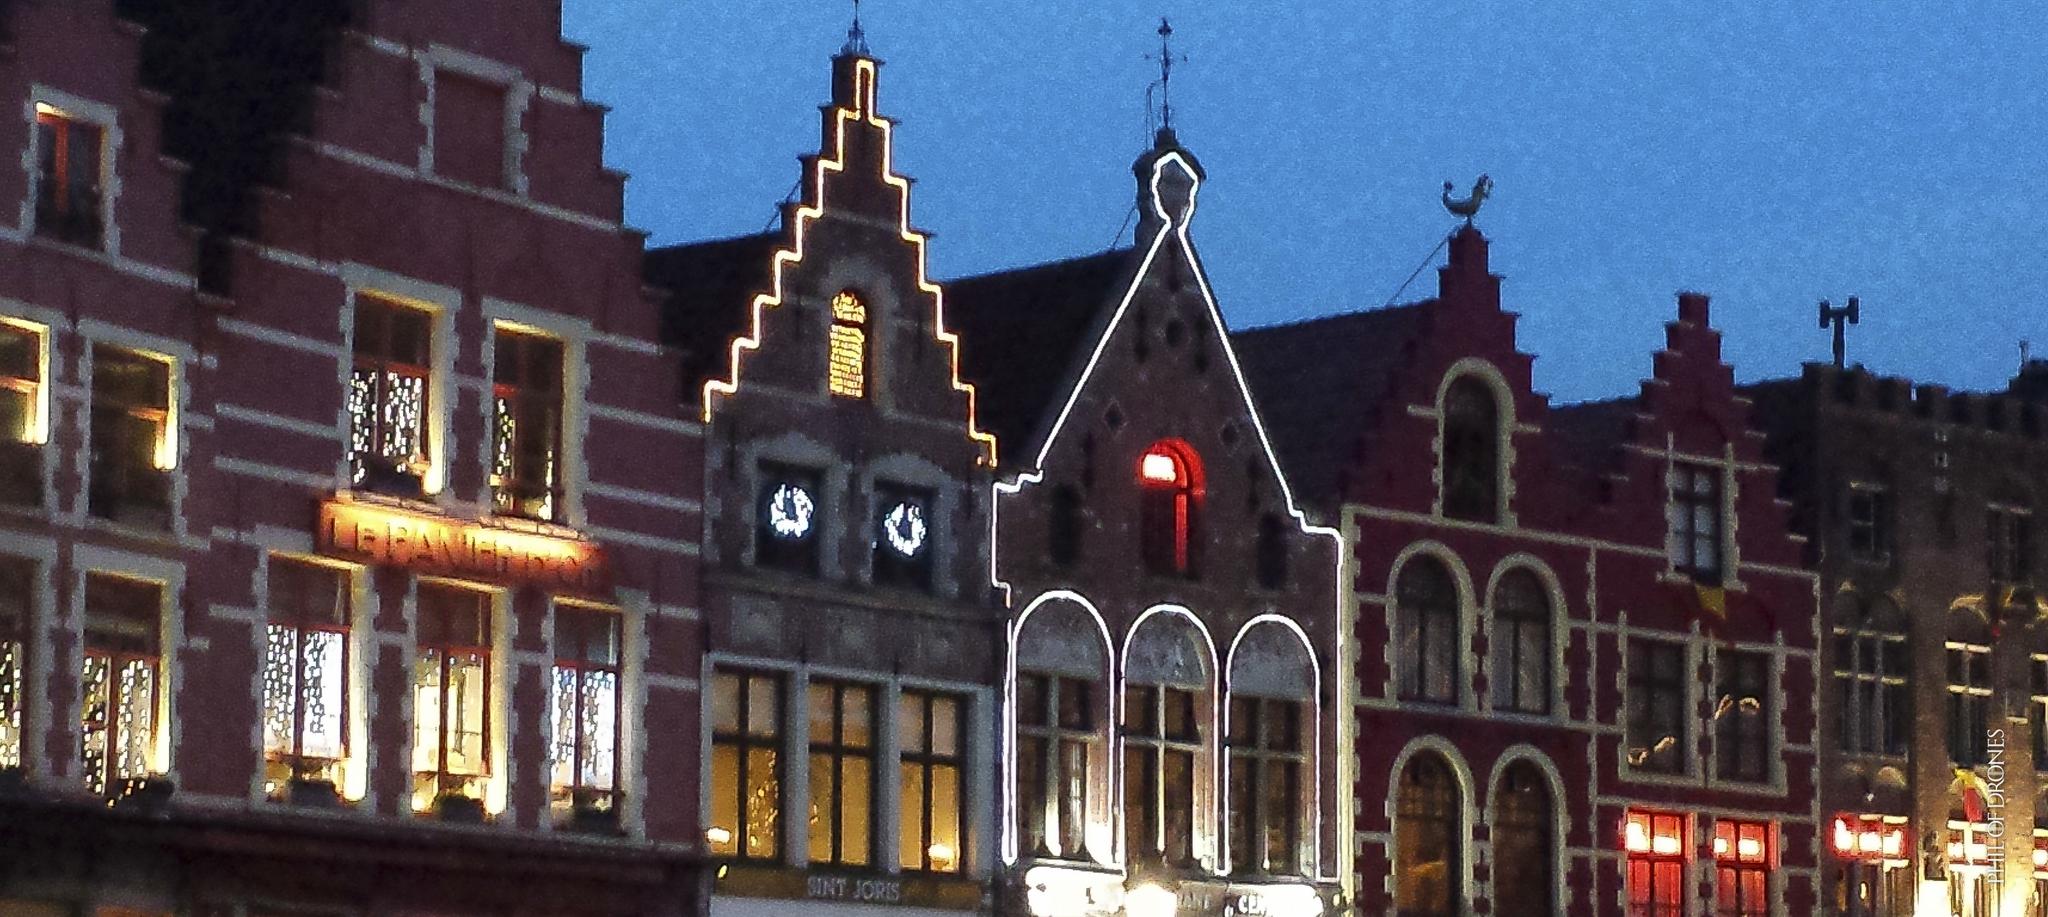 Bruges 2013-6-PhM.jpg